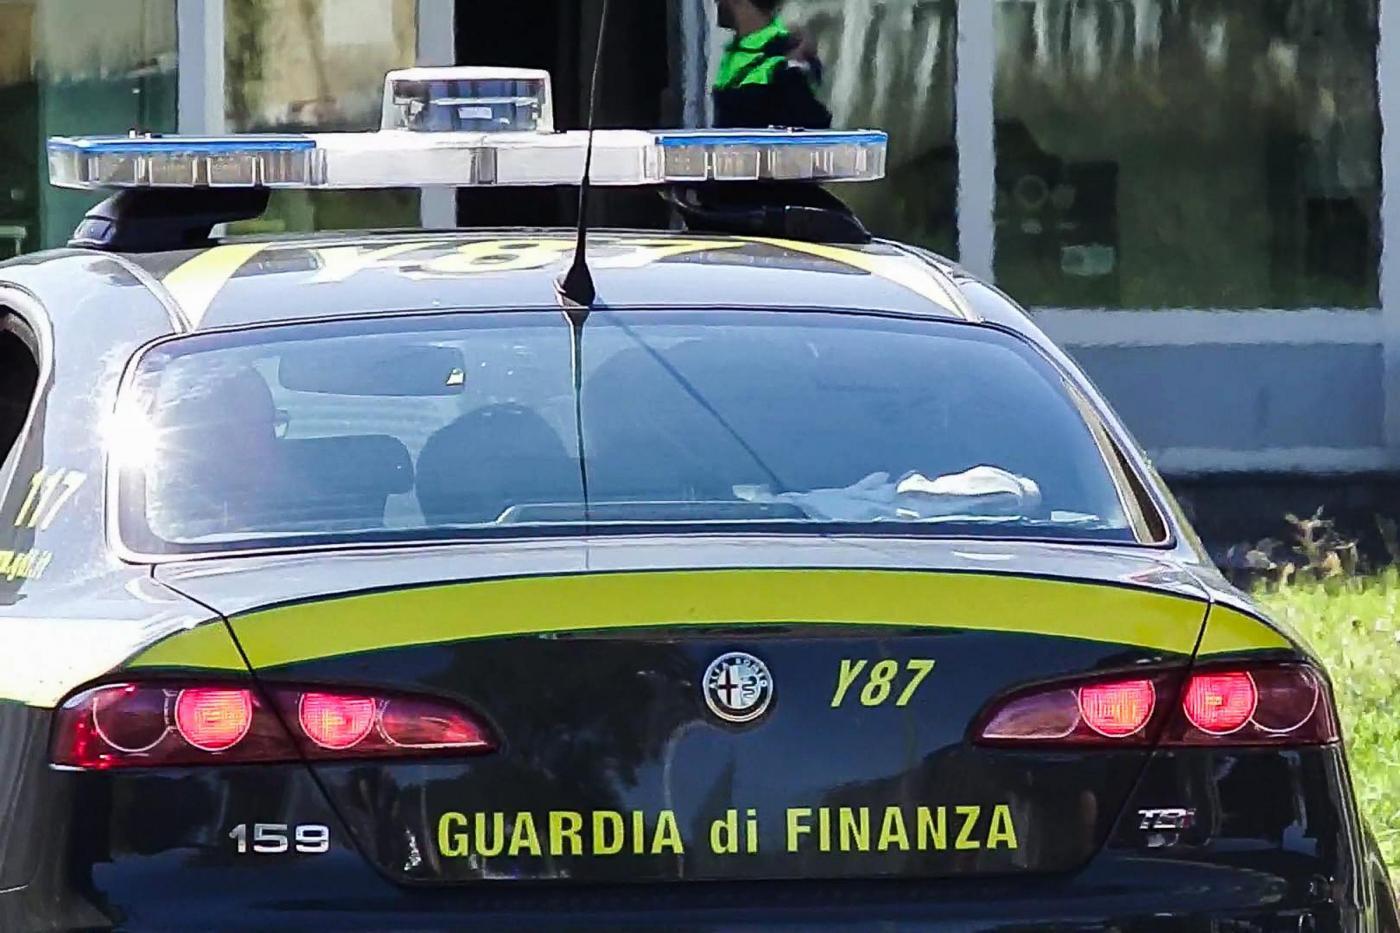 Torino, evade il fisco da 50 anni: 121 milioni sequestrati a un imprenditore